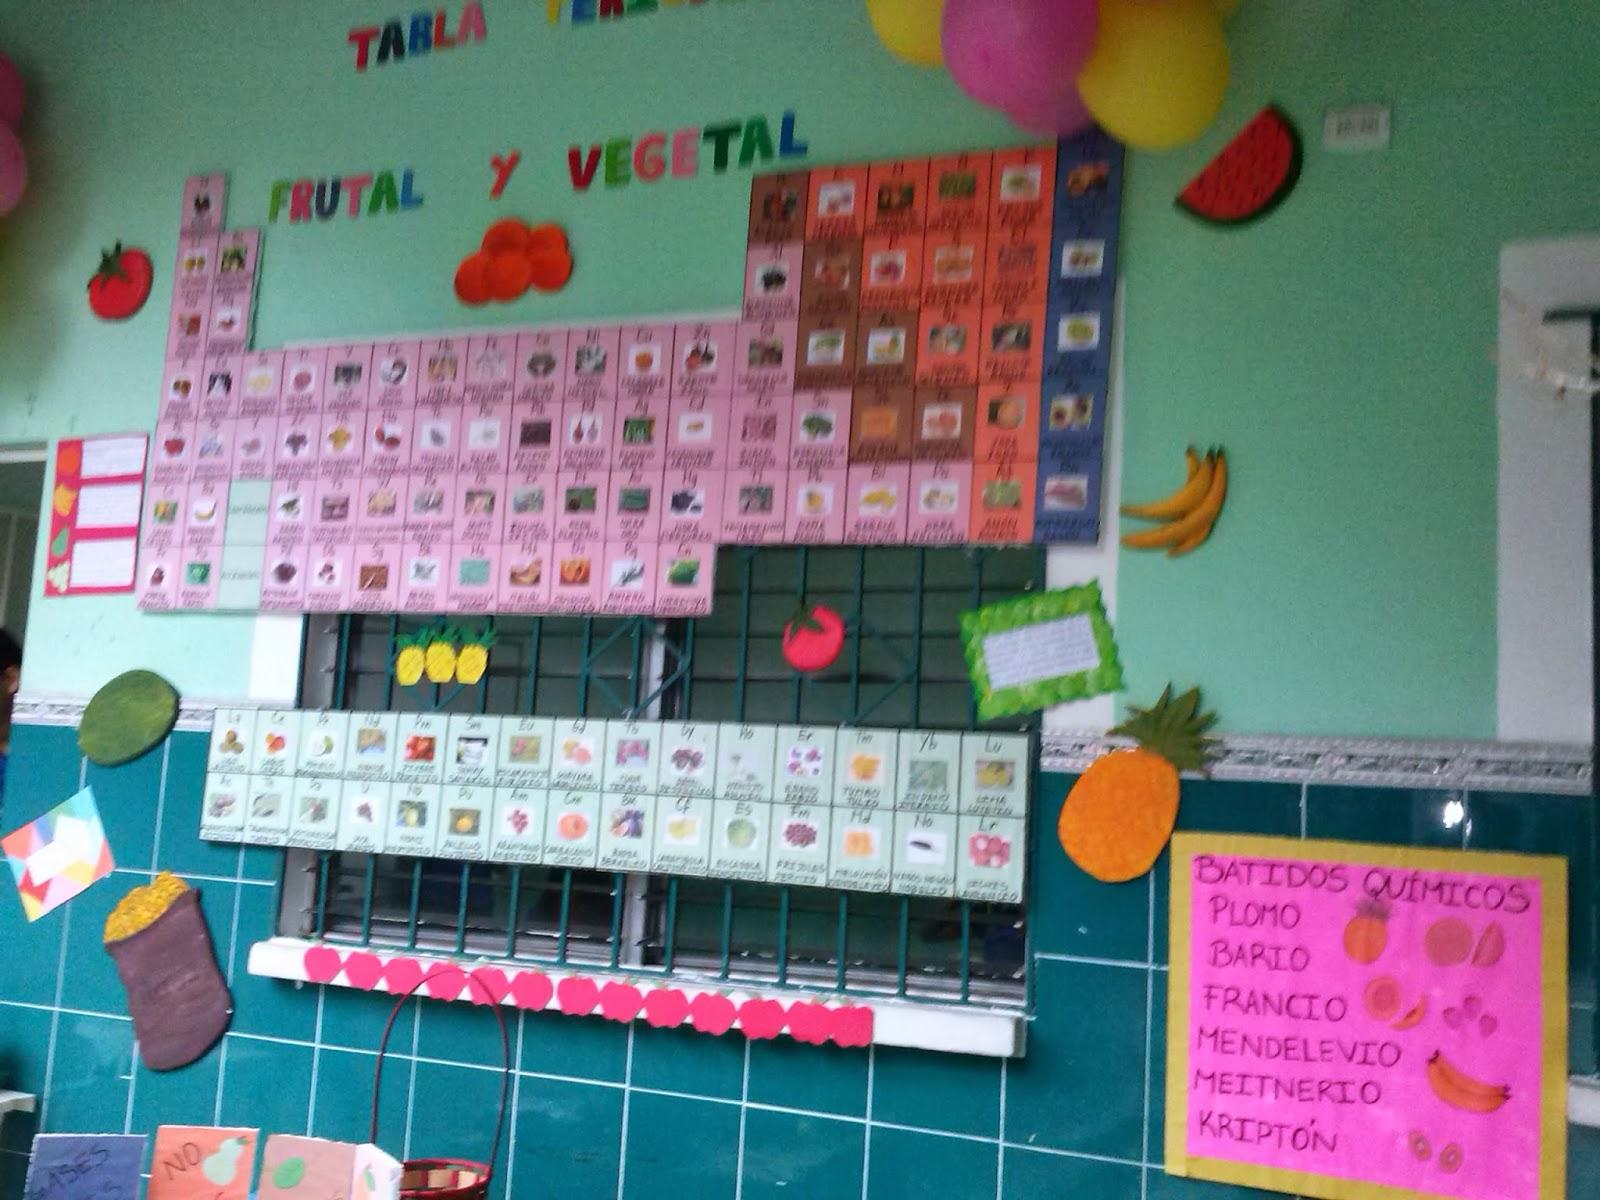 Feria de ciencias 2013 proyecto de quimica tabla periodica de los elementos frutal y vegetal materiales hielo seco figuras de frutas goma fria papel construccion urtaz Gallery